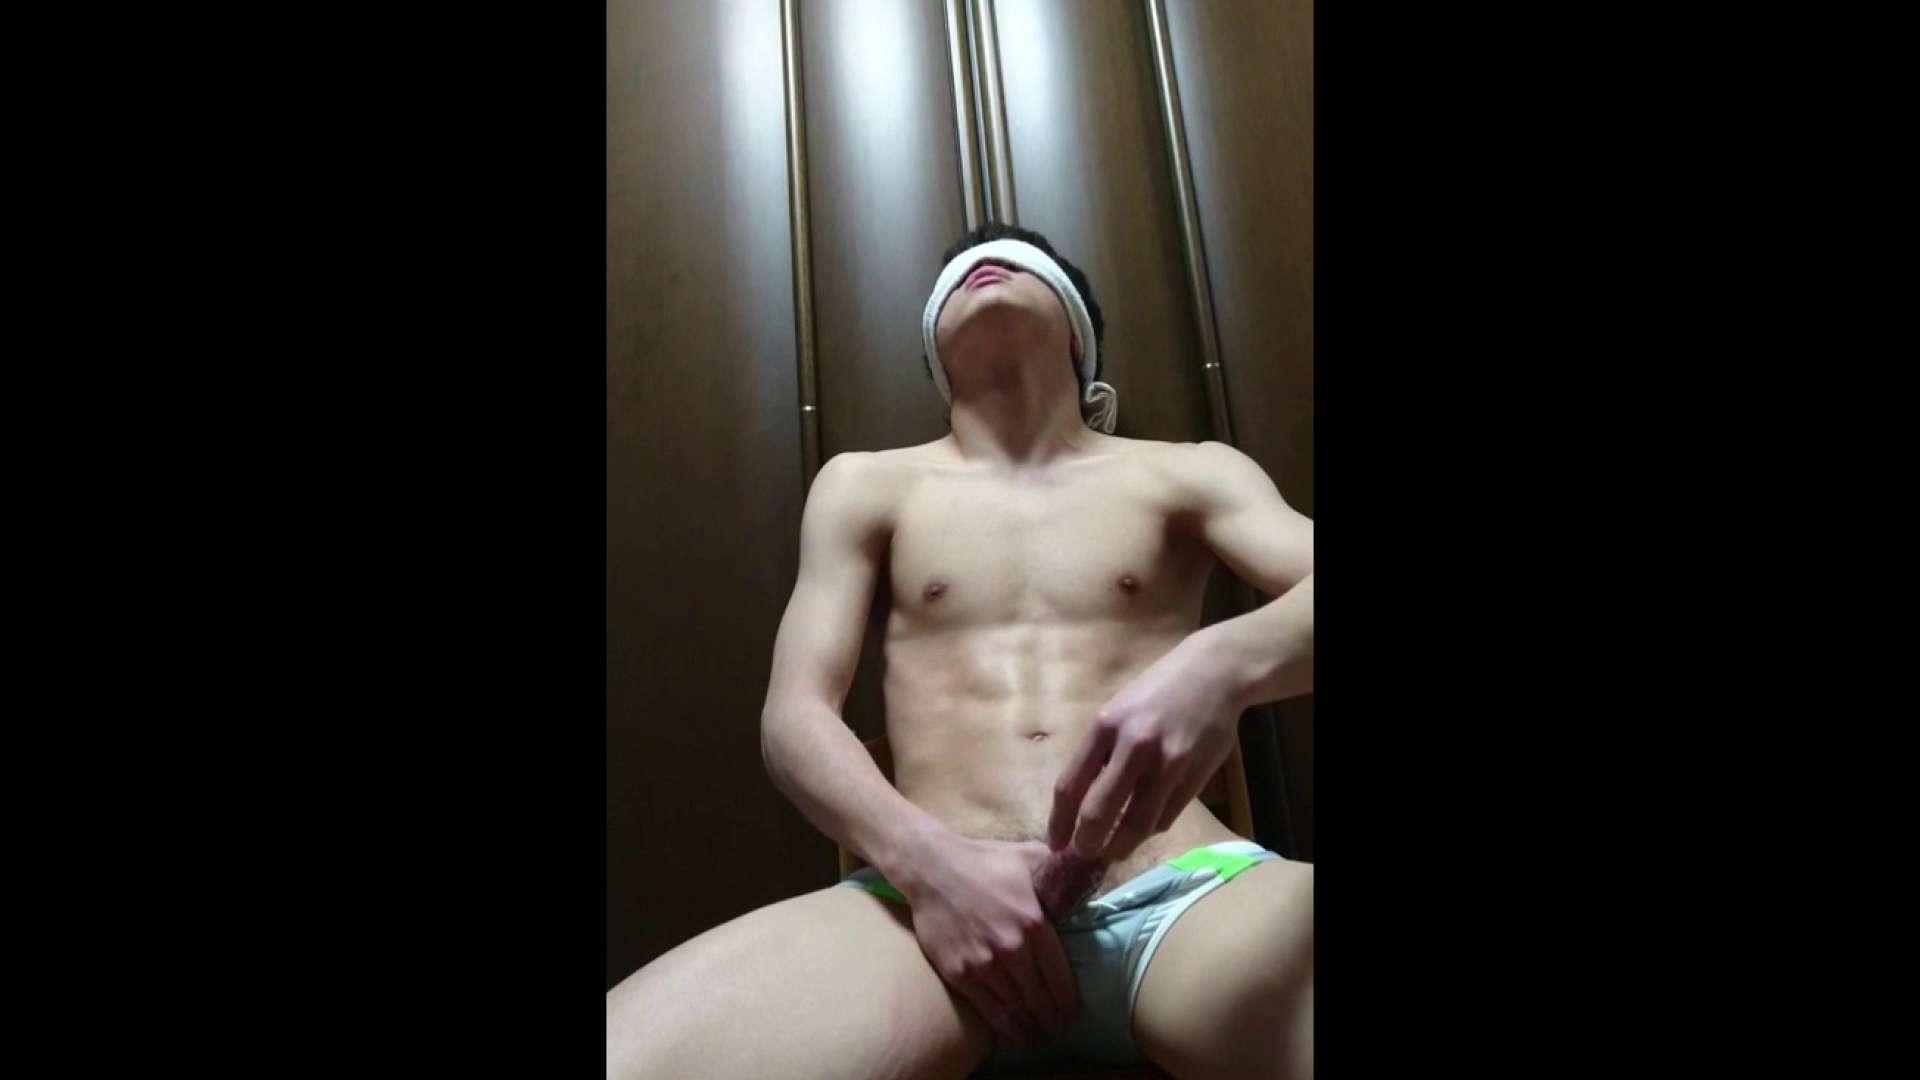 個人撮影 自慰の極意 Vol.21 個人撮影 ゲイエロ動画 93pic 35